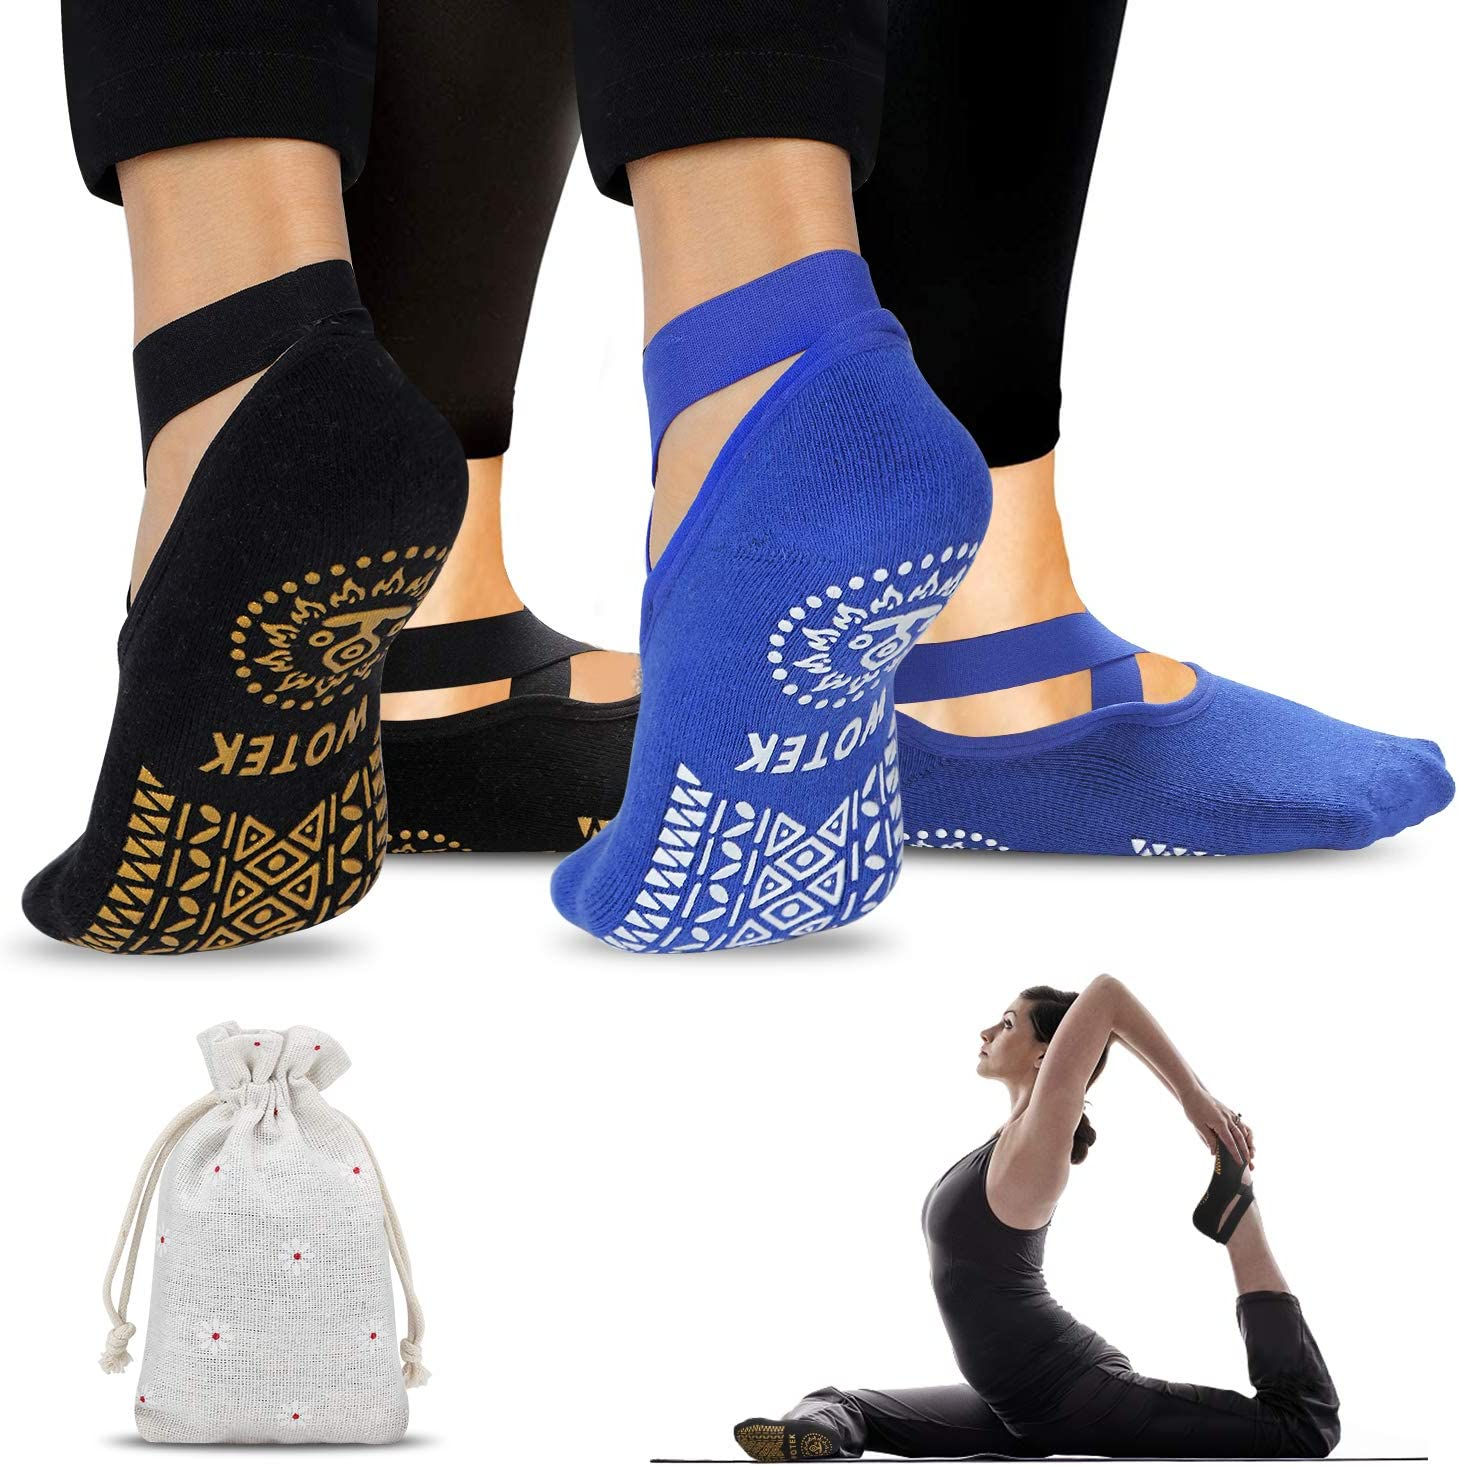 ideales para hacer ejercicio trampol/ín ISUDA Calcetines antideslizantes para mujeres paquete de 2 calcetines deportivos Azul y Negro entrenamiento descalzo